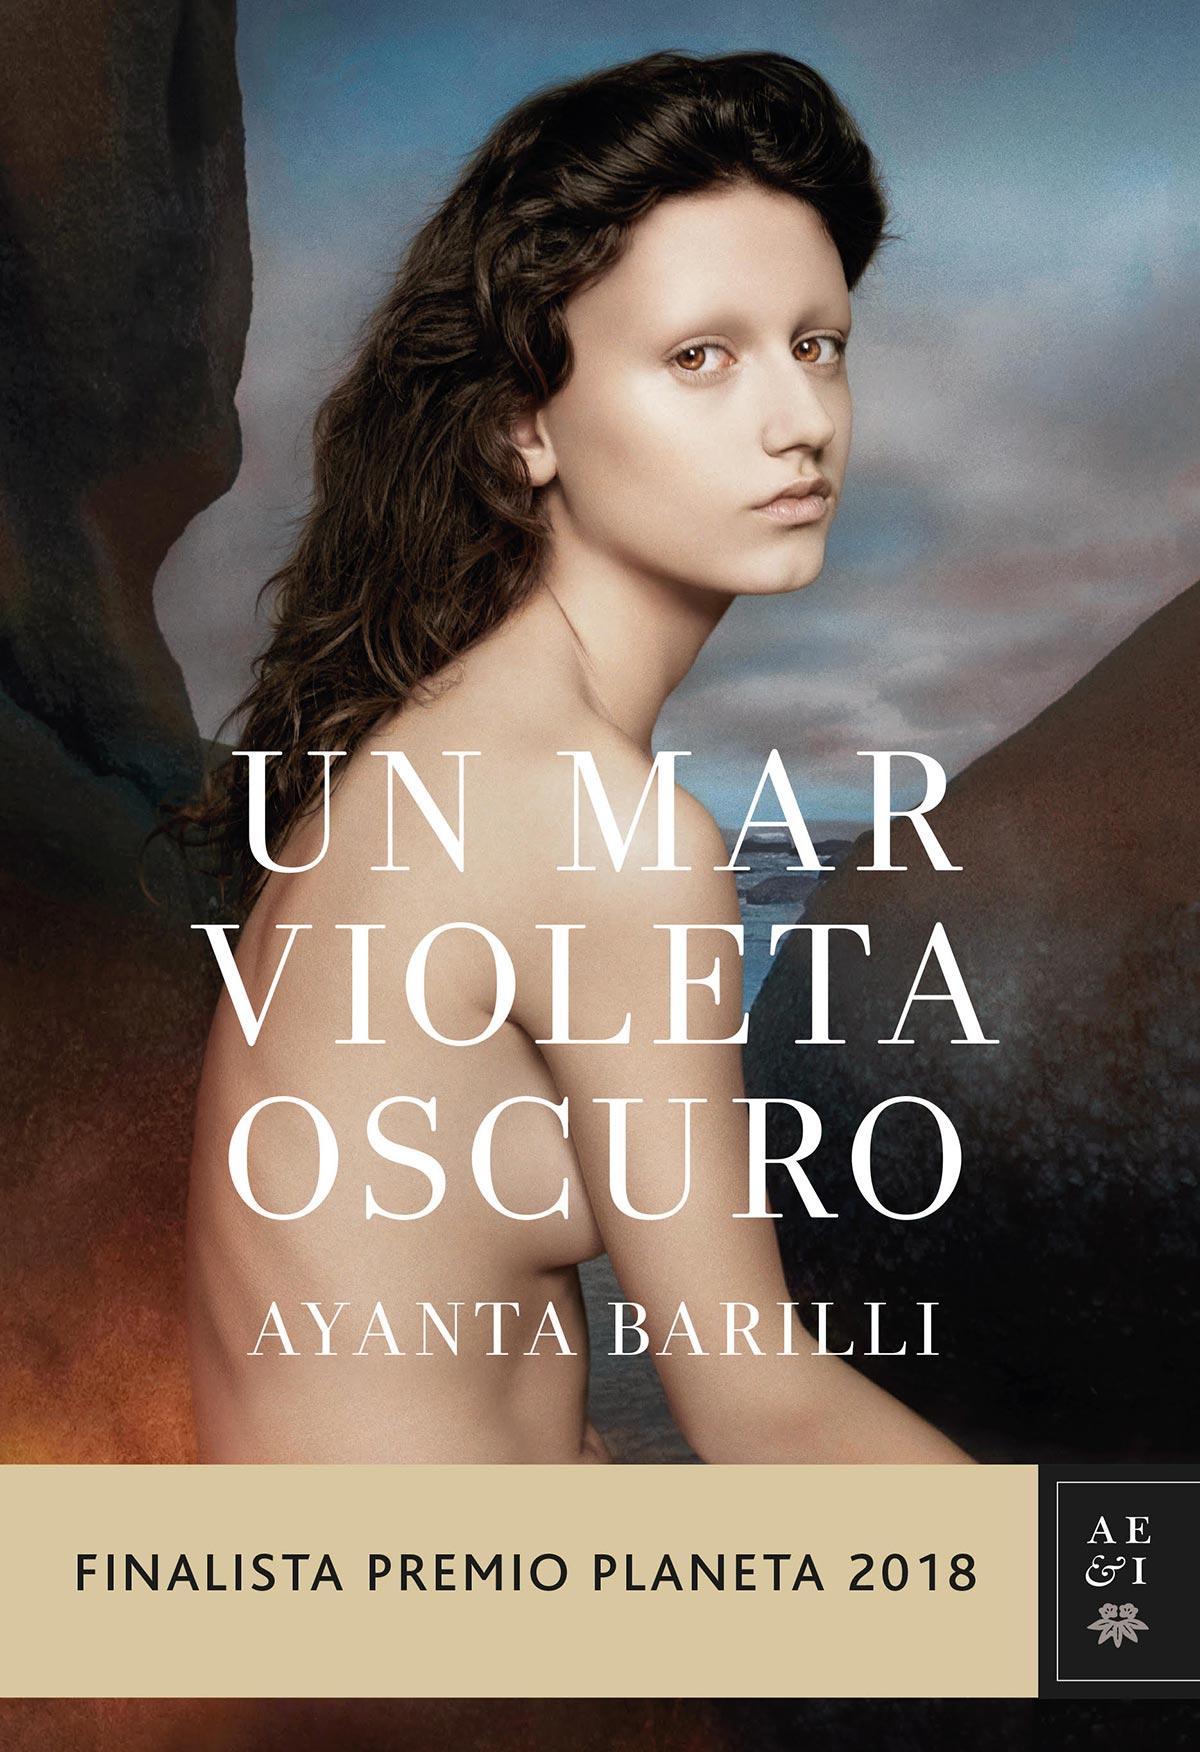 'Un mar violeta oscuro' de Ayanta Barilli Finalista Premio Planeta 2018 Librería Semuret